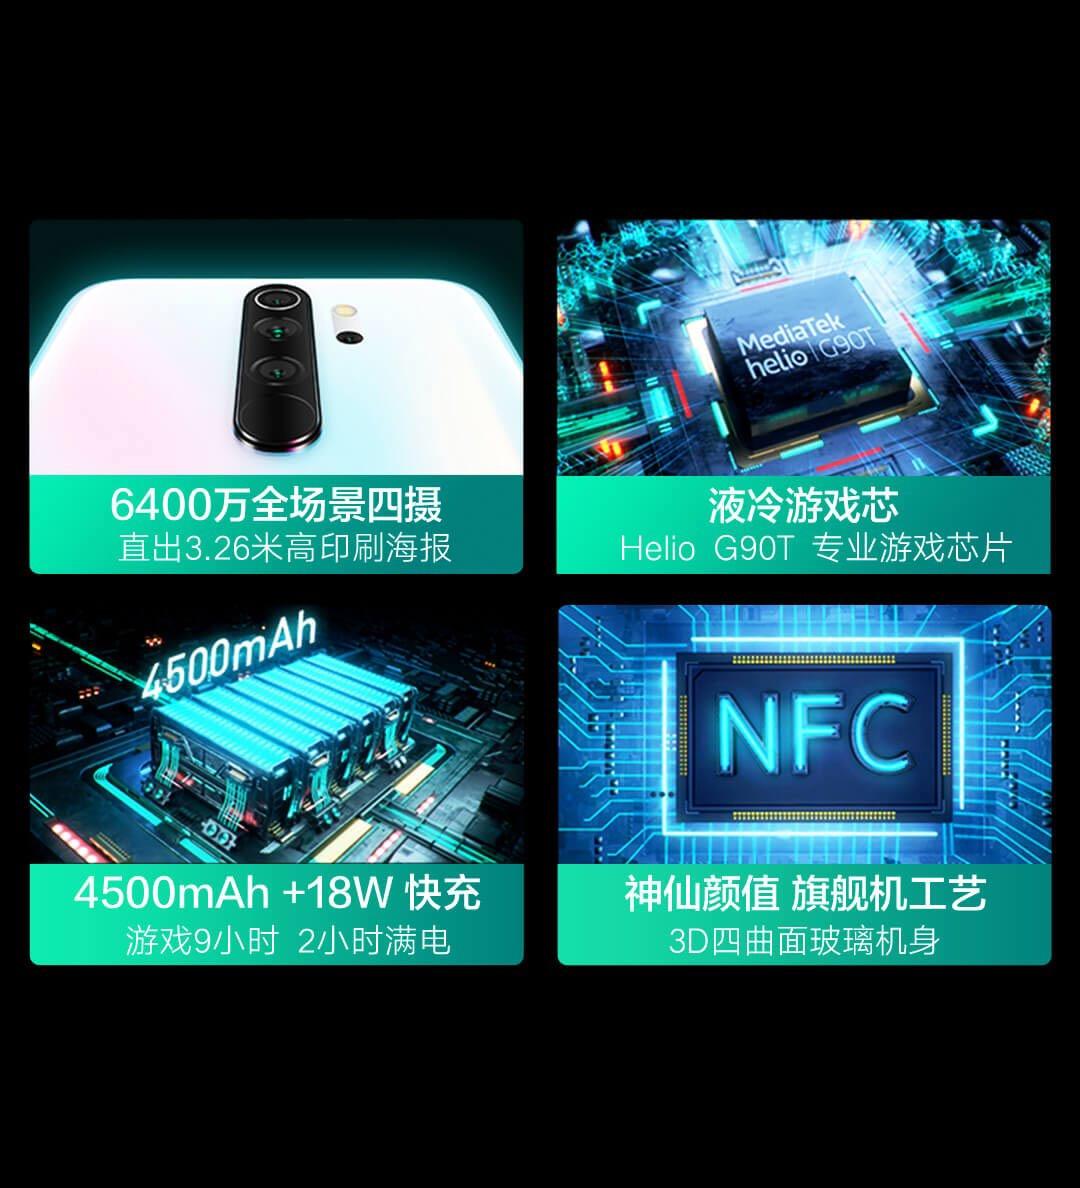 xiaomi 拍照小米智能学生官方旗舰店 redmi 手机 nfc 大电量 4500mAh 万四摄 note8pro6400 红米